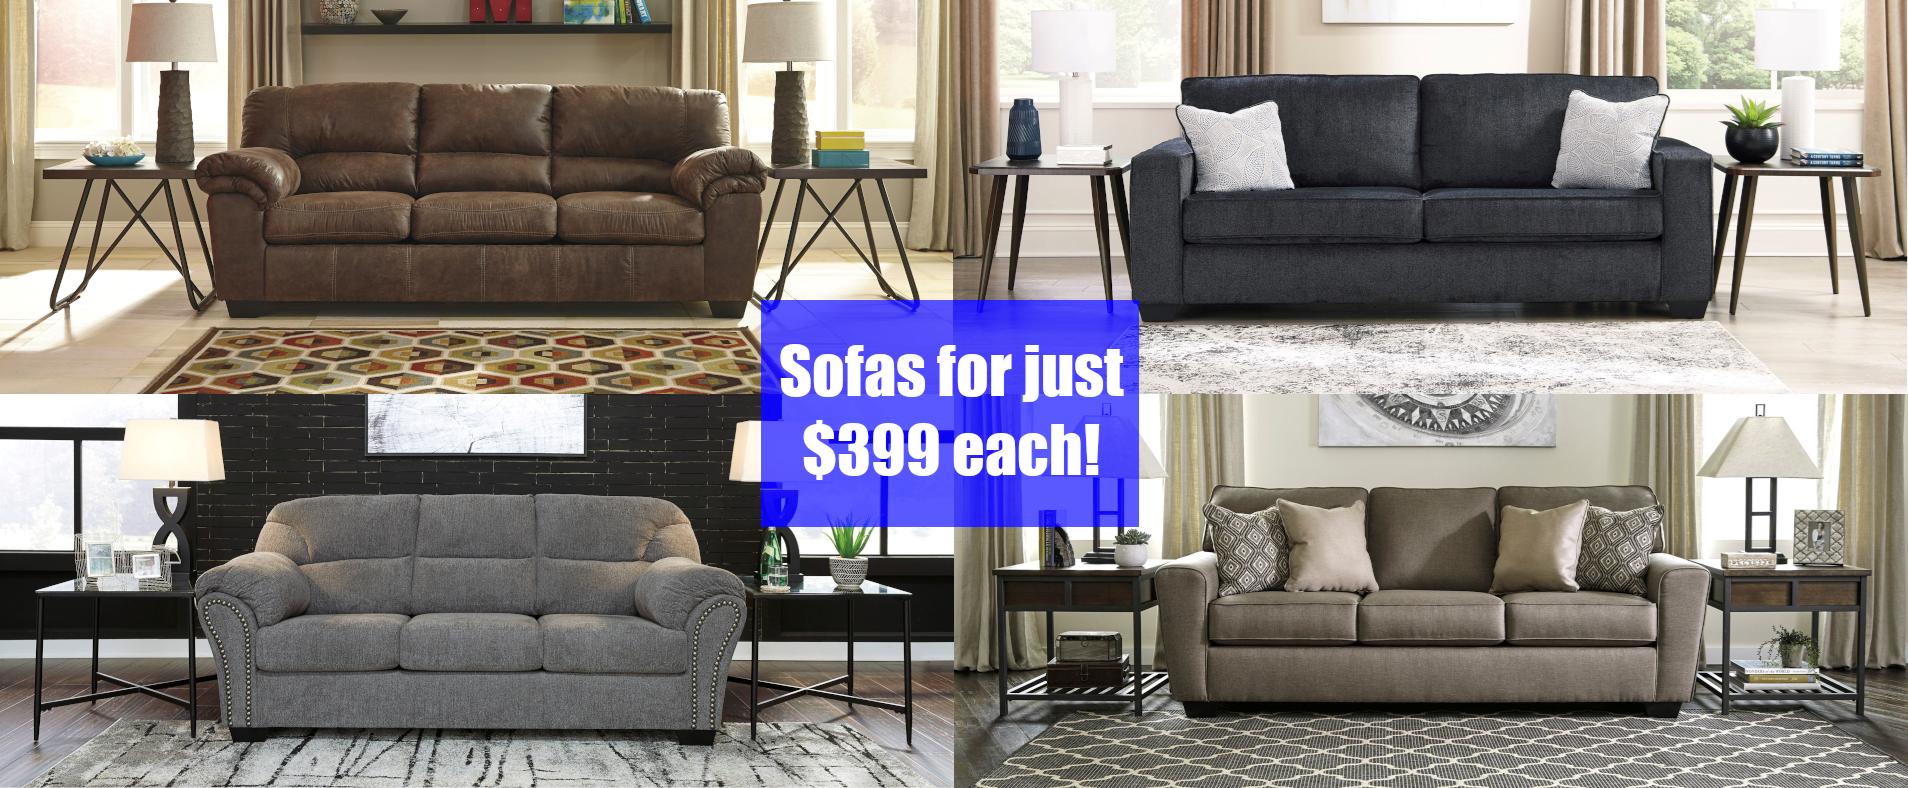 Sofas for $399